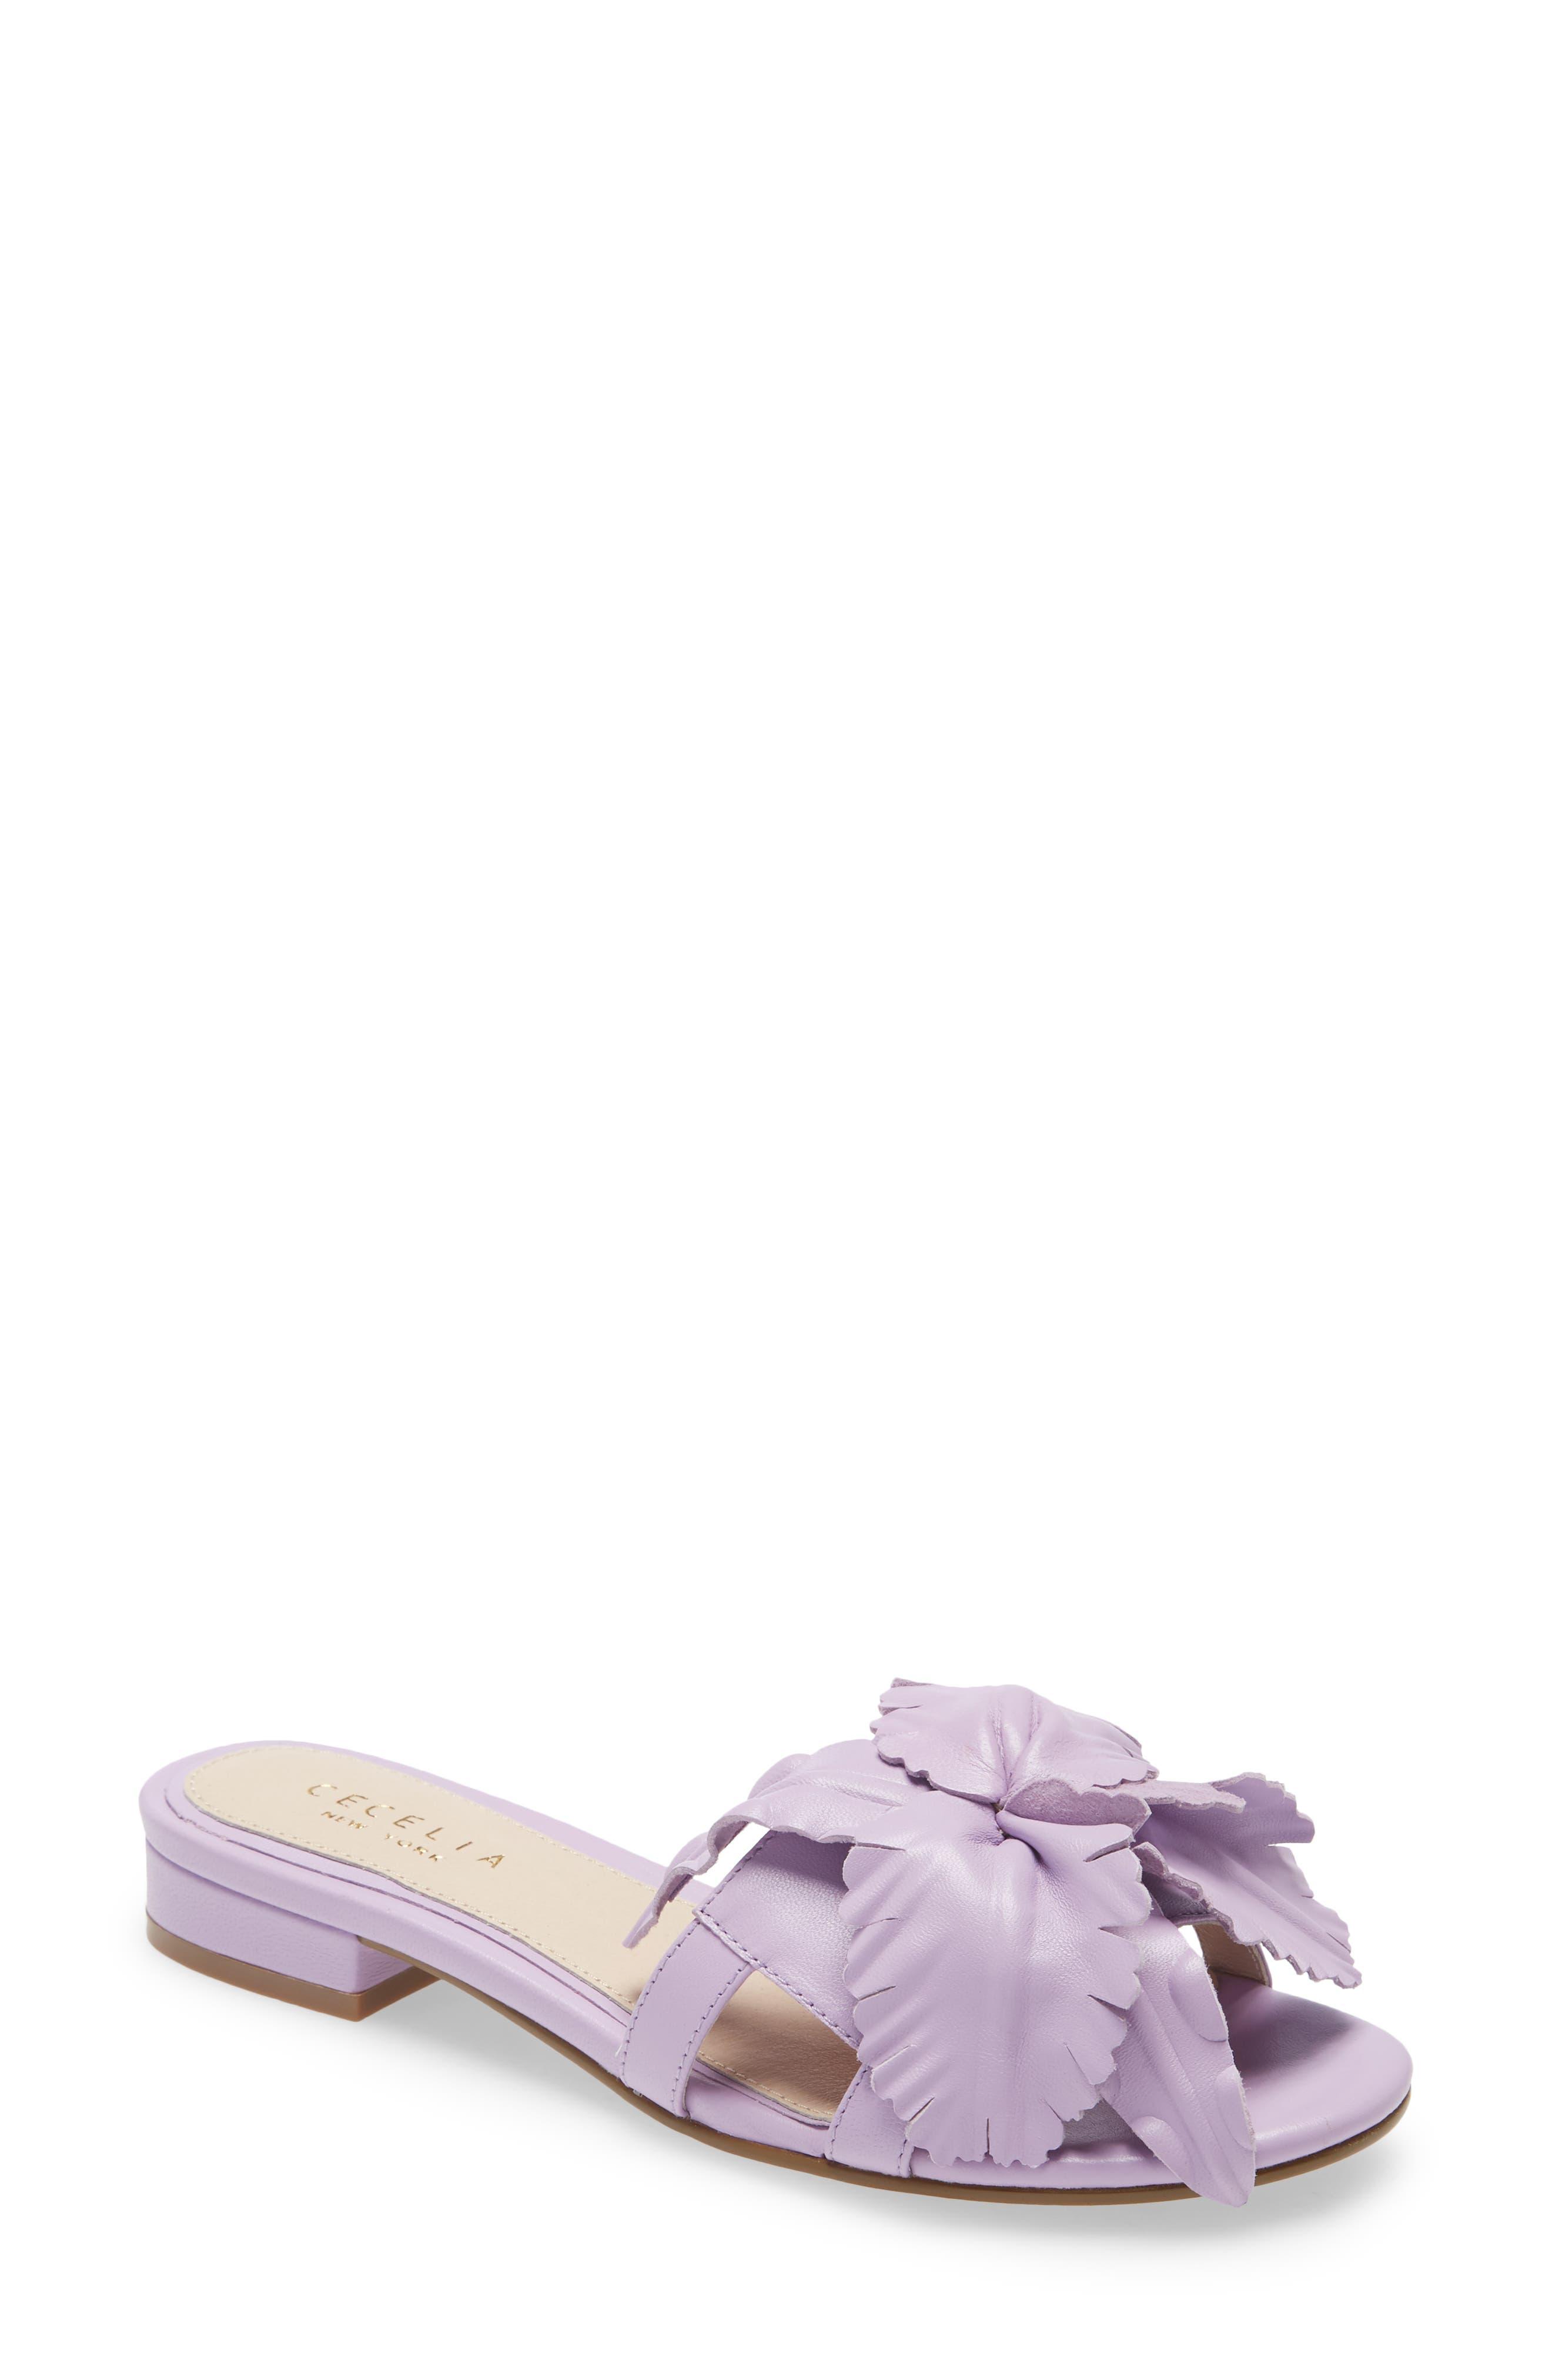 Lila Slide Sandal